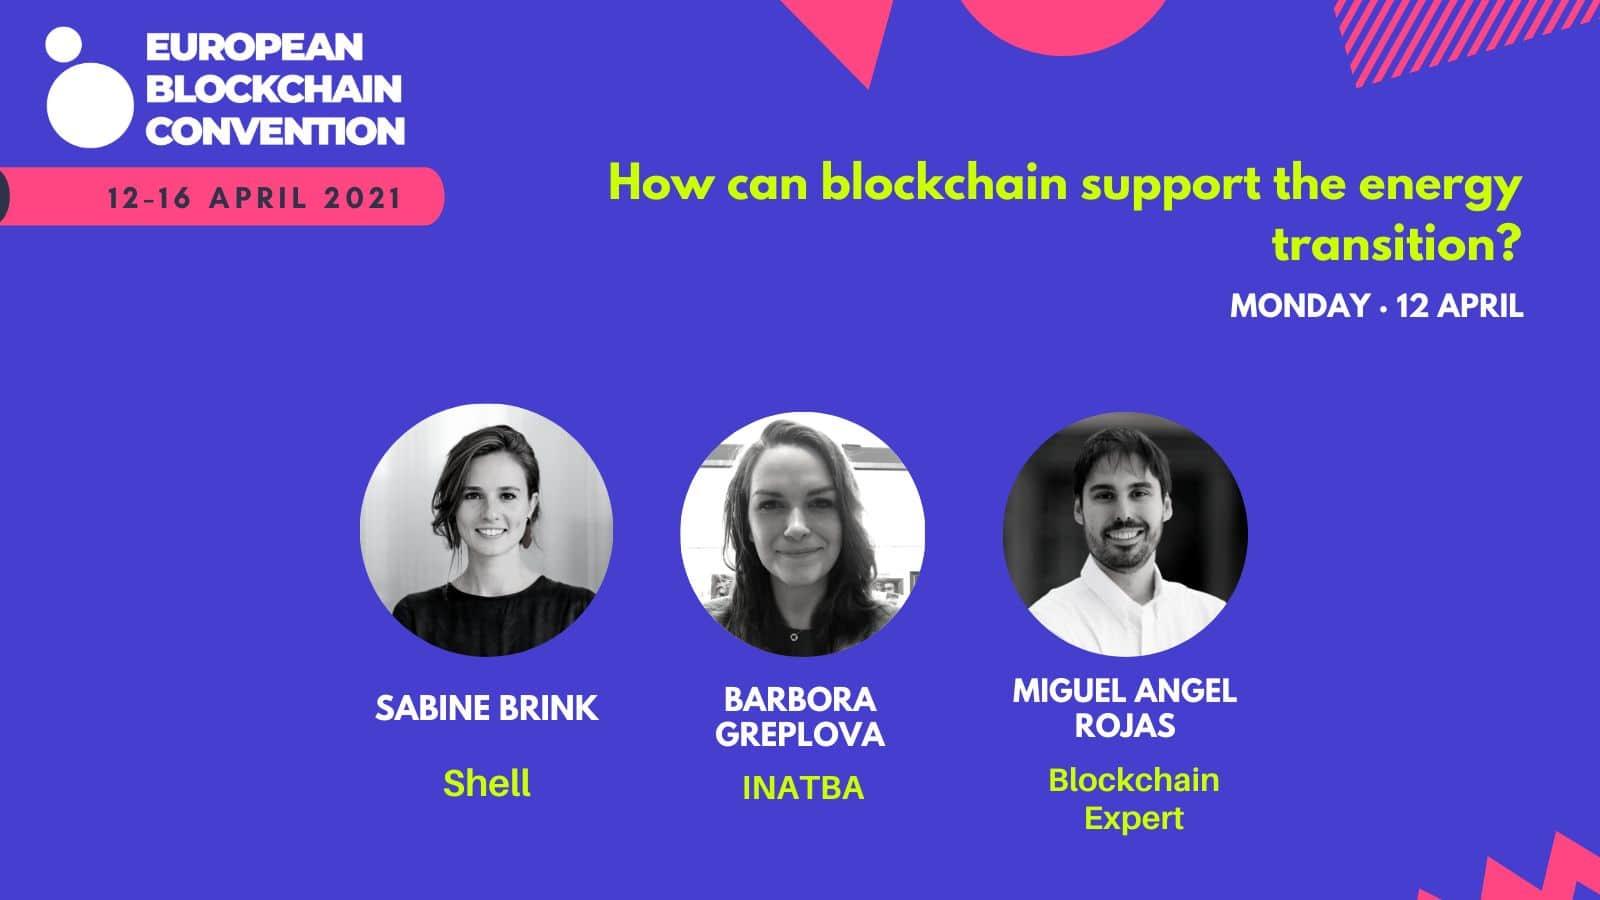 European Blockchain Convention 2021 (1)